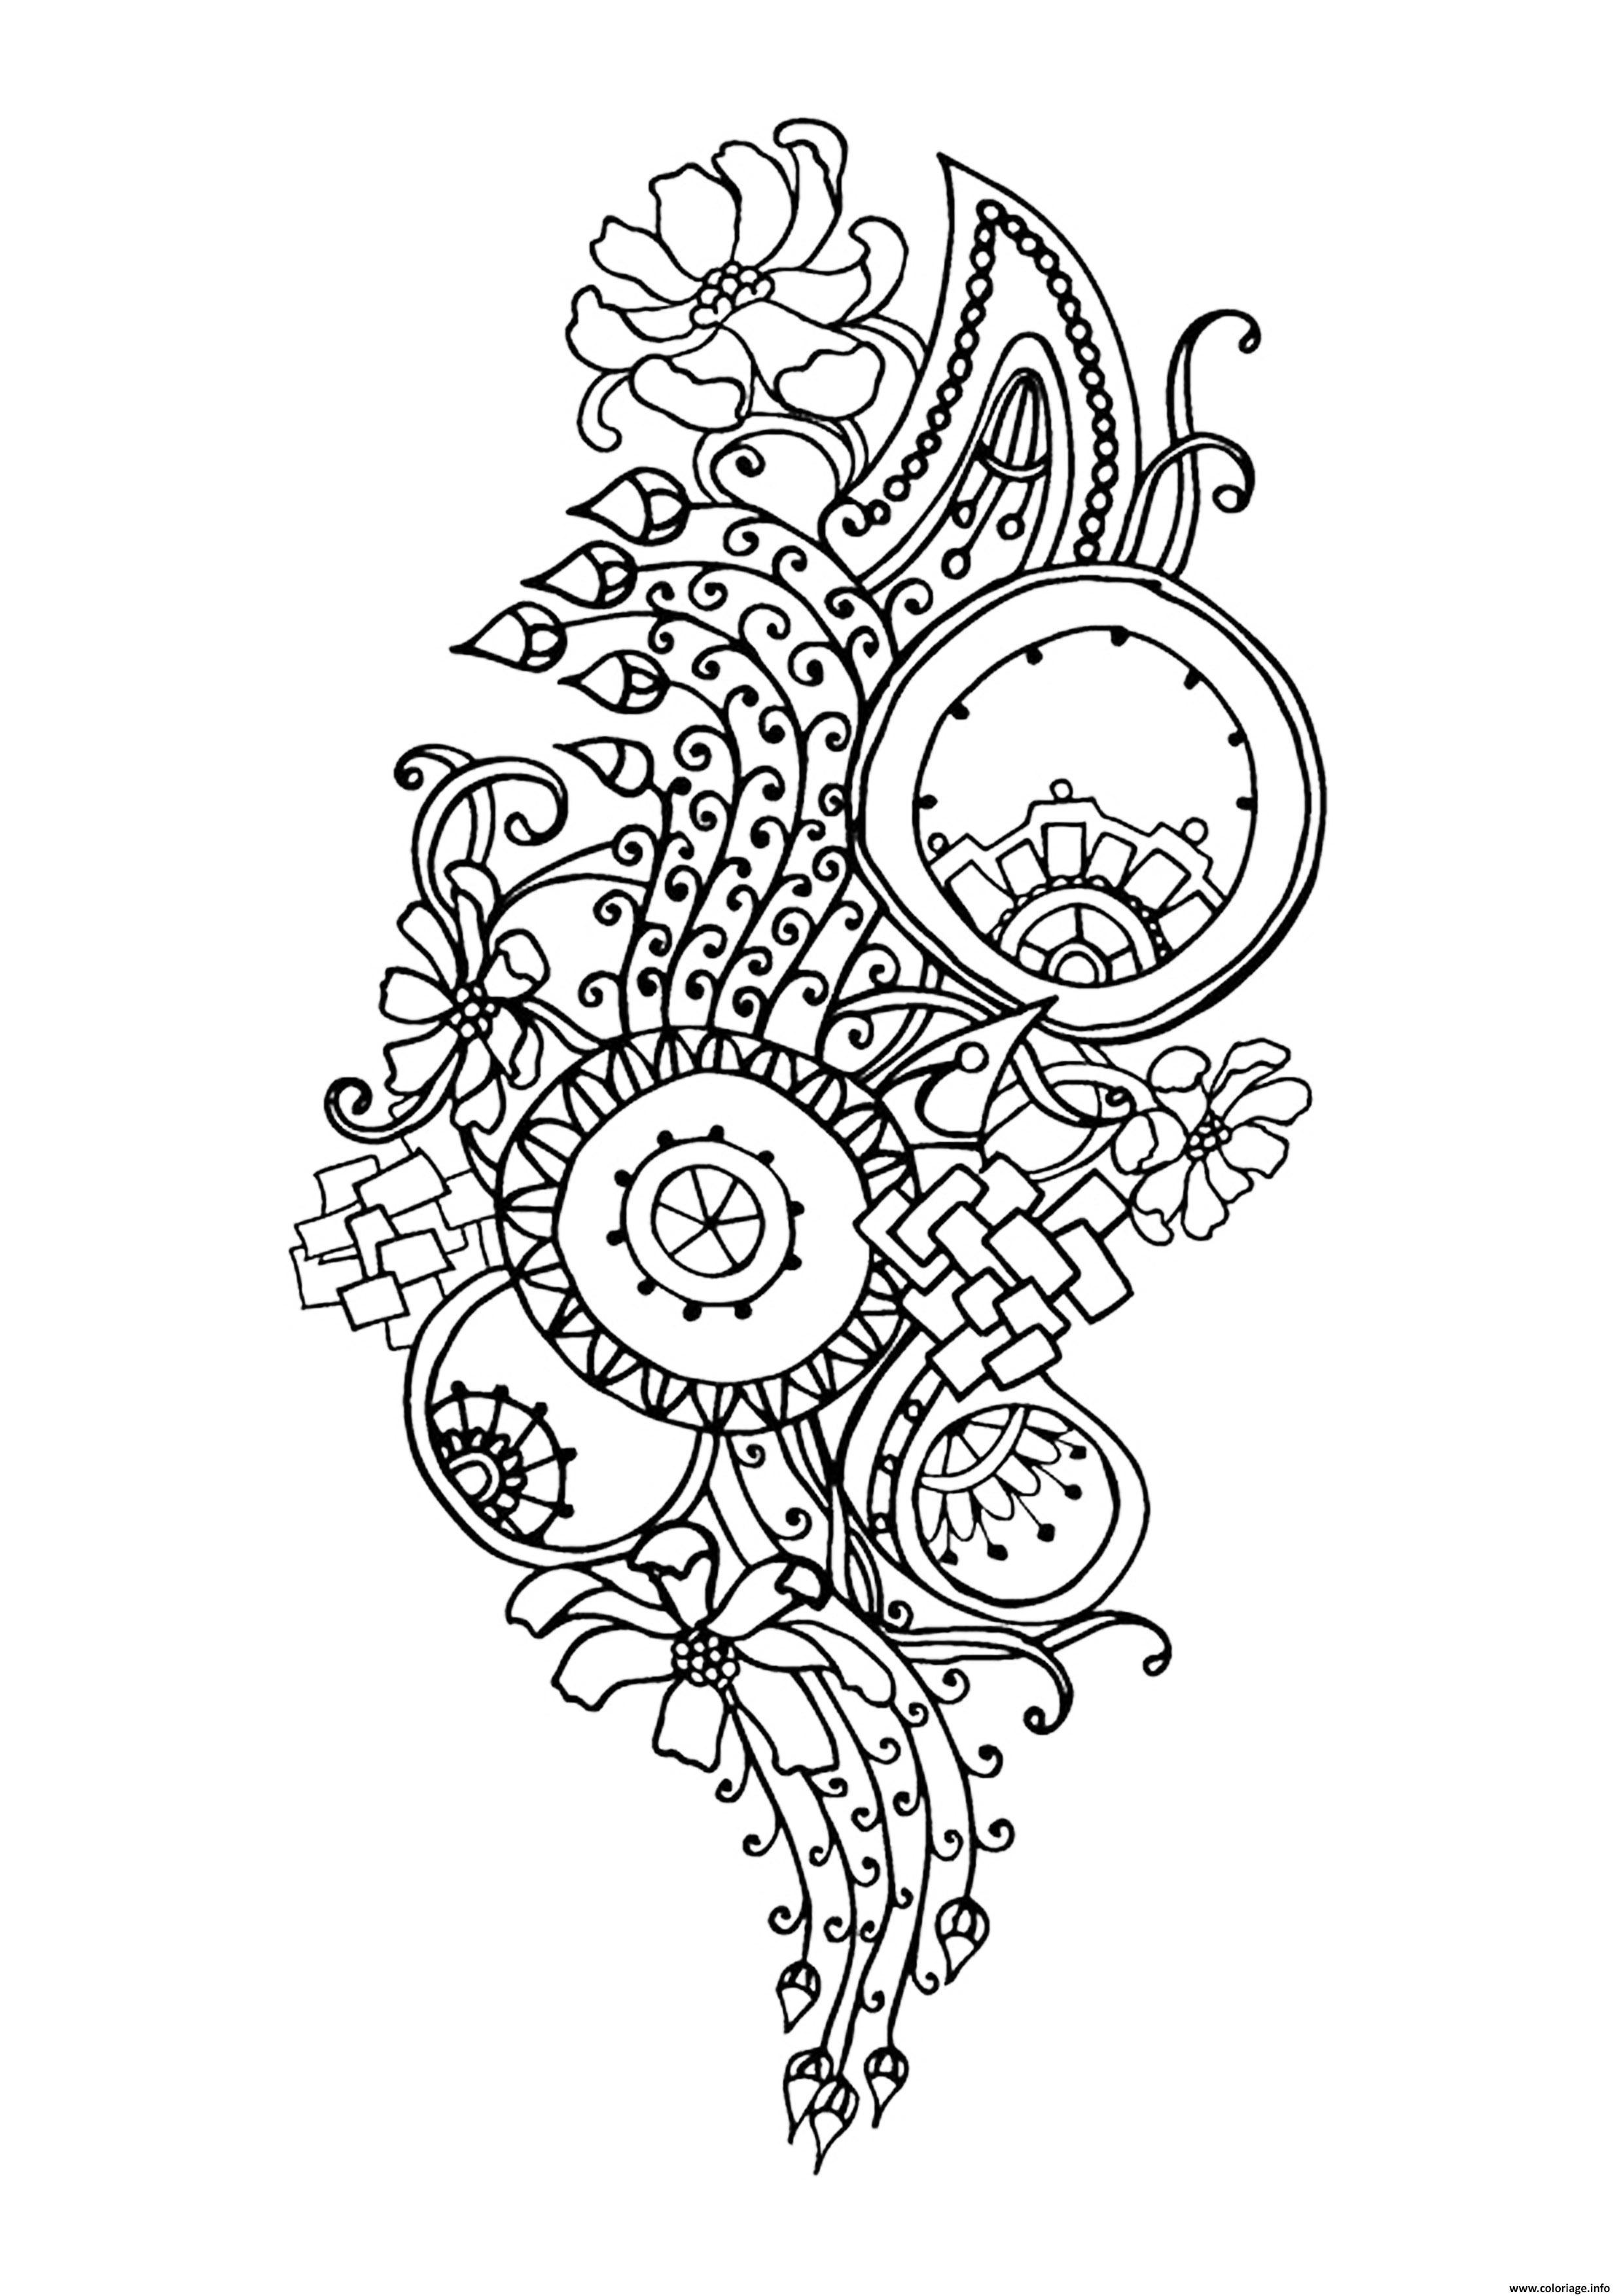 Coloriage zen antistress motif abstrait inspiration - Zen coloriage ...